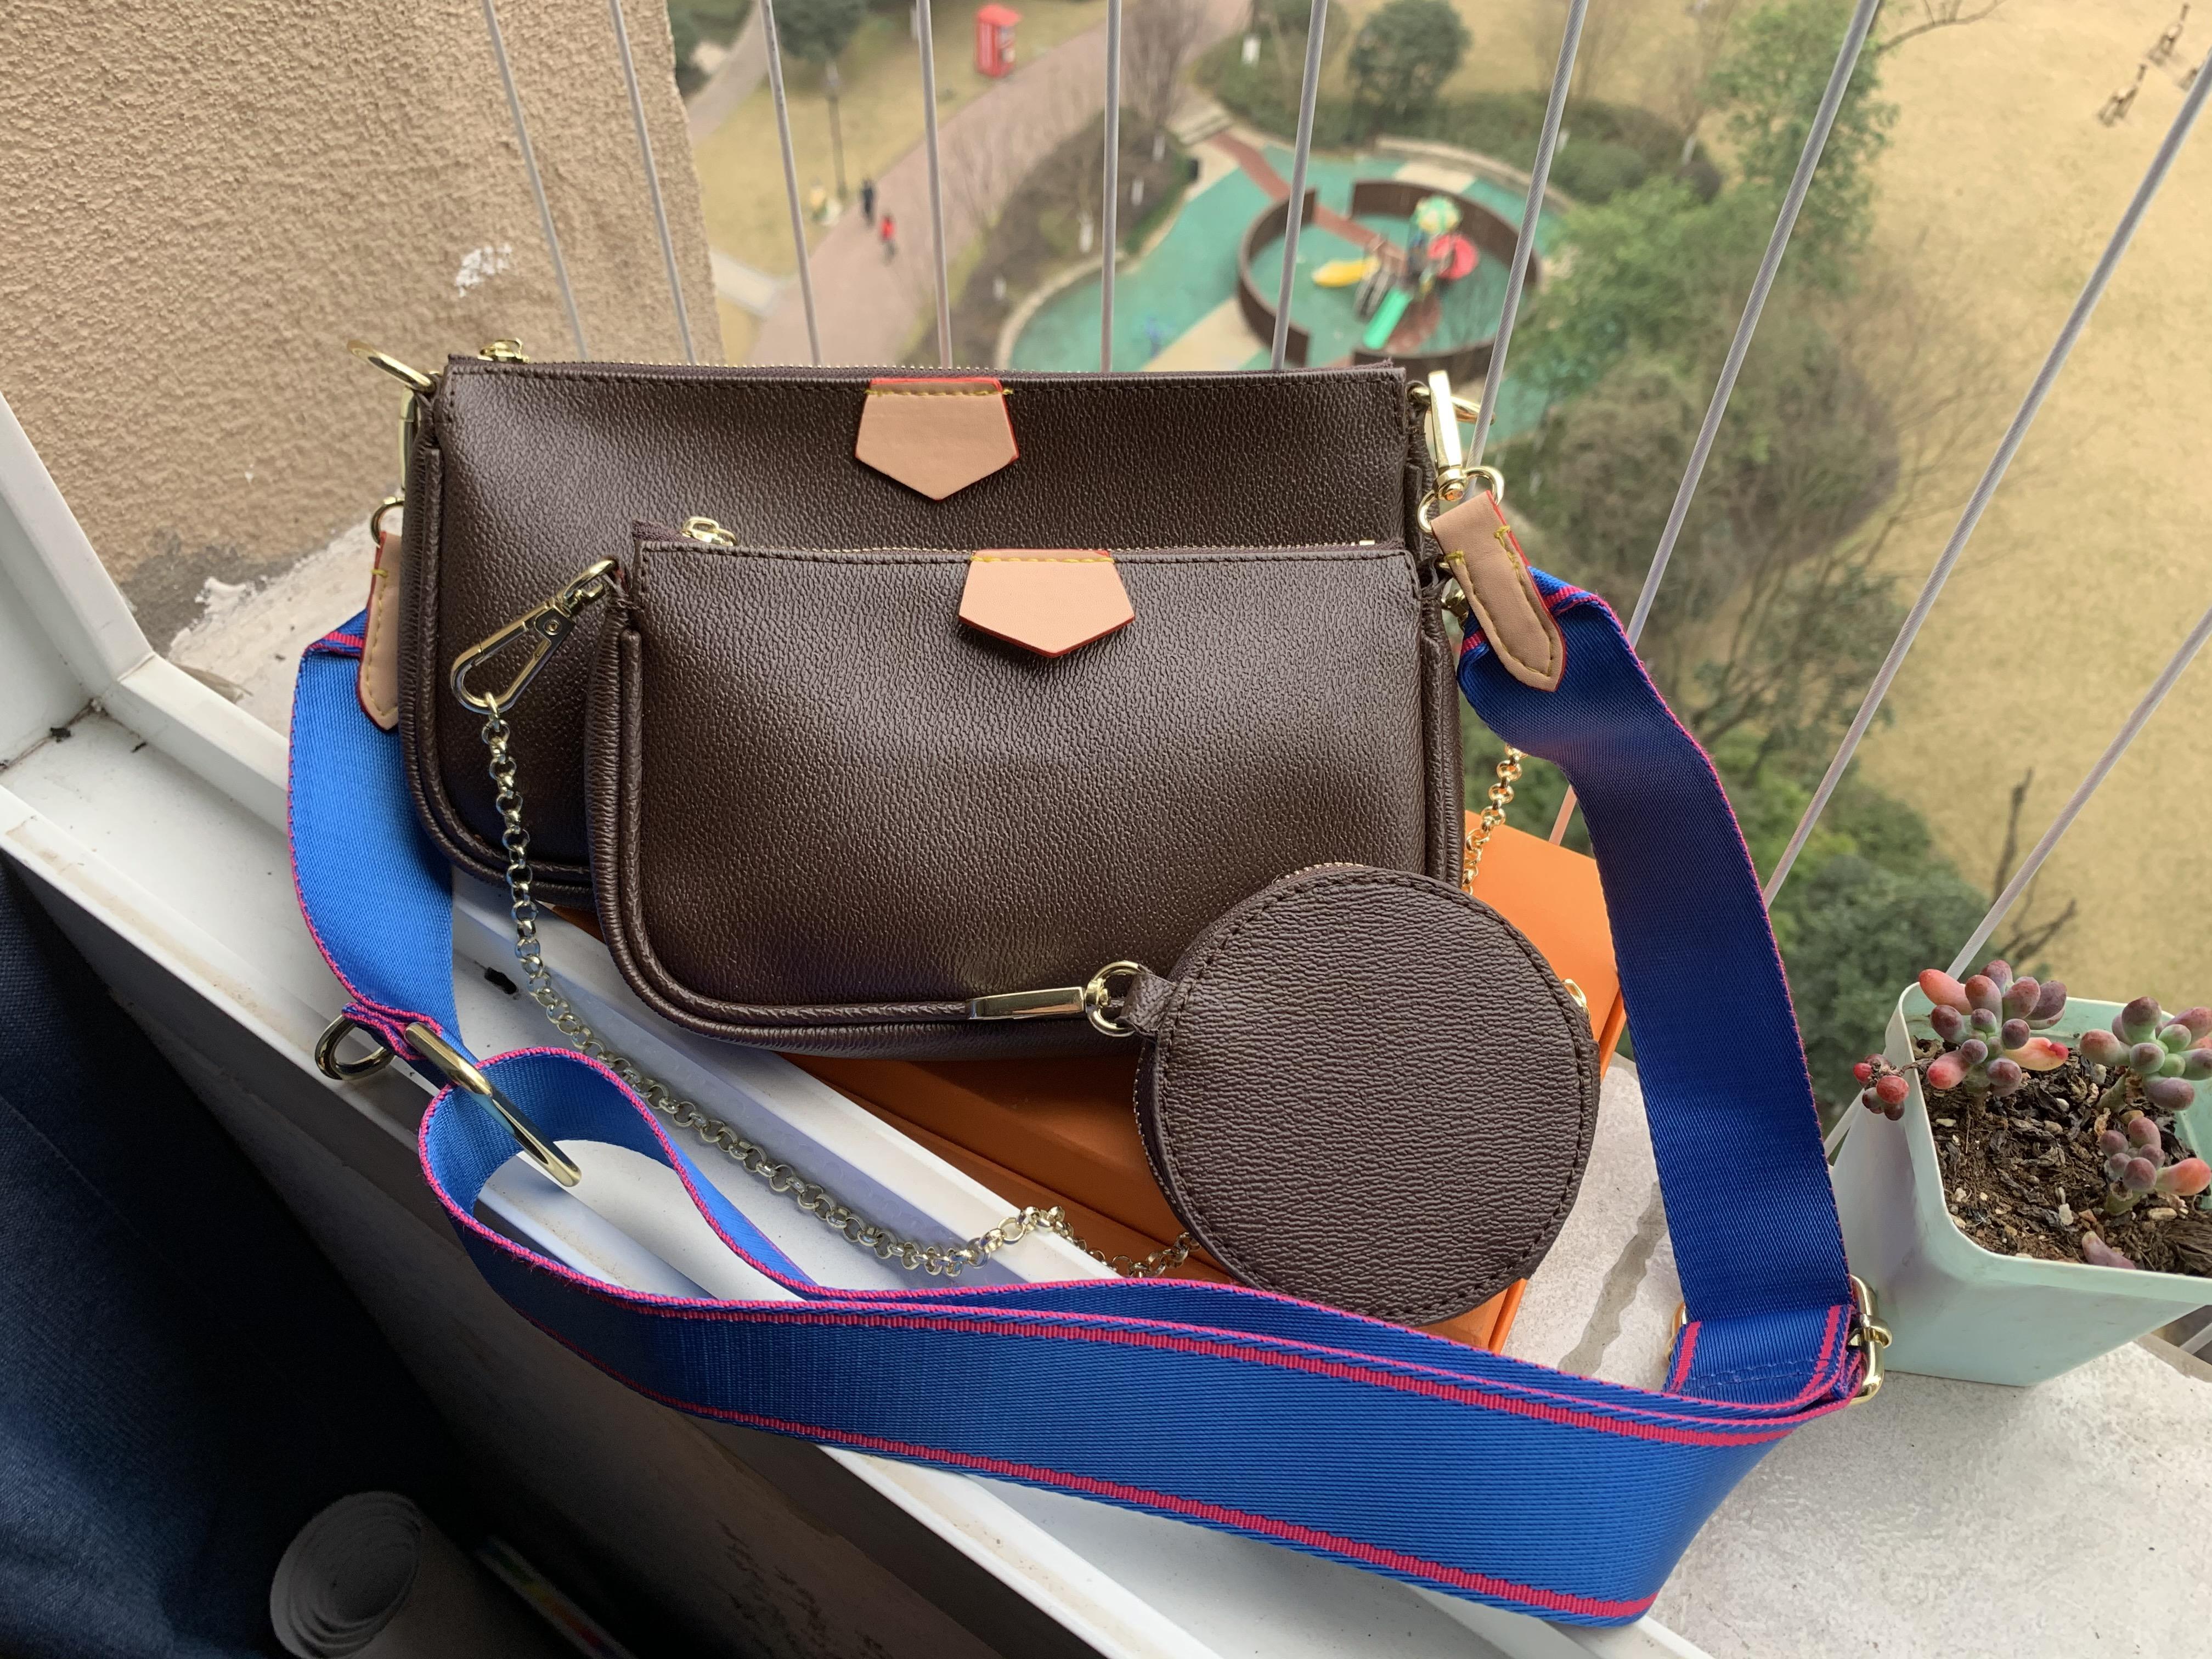 Verkauf 3 Stück Set Tote Lady Frauen Crossbody Tasche Geldbörsen Leder Luxus Münze Echte Geldbörse Taschen Taschen Designer Drei Artikel Handtaschen Design Wvax